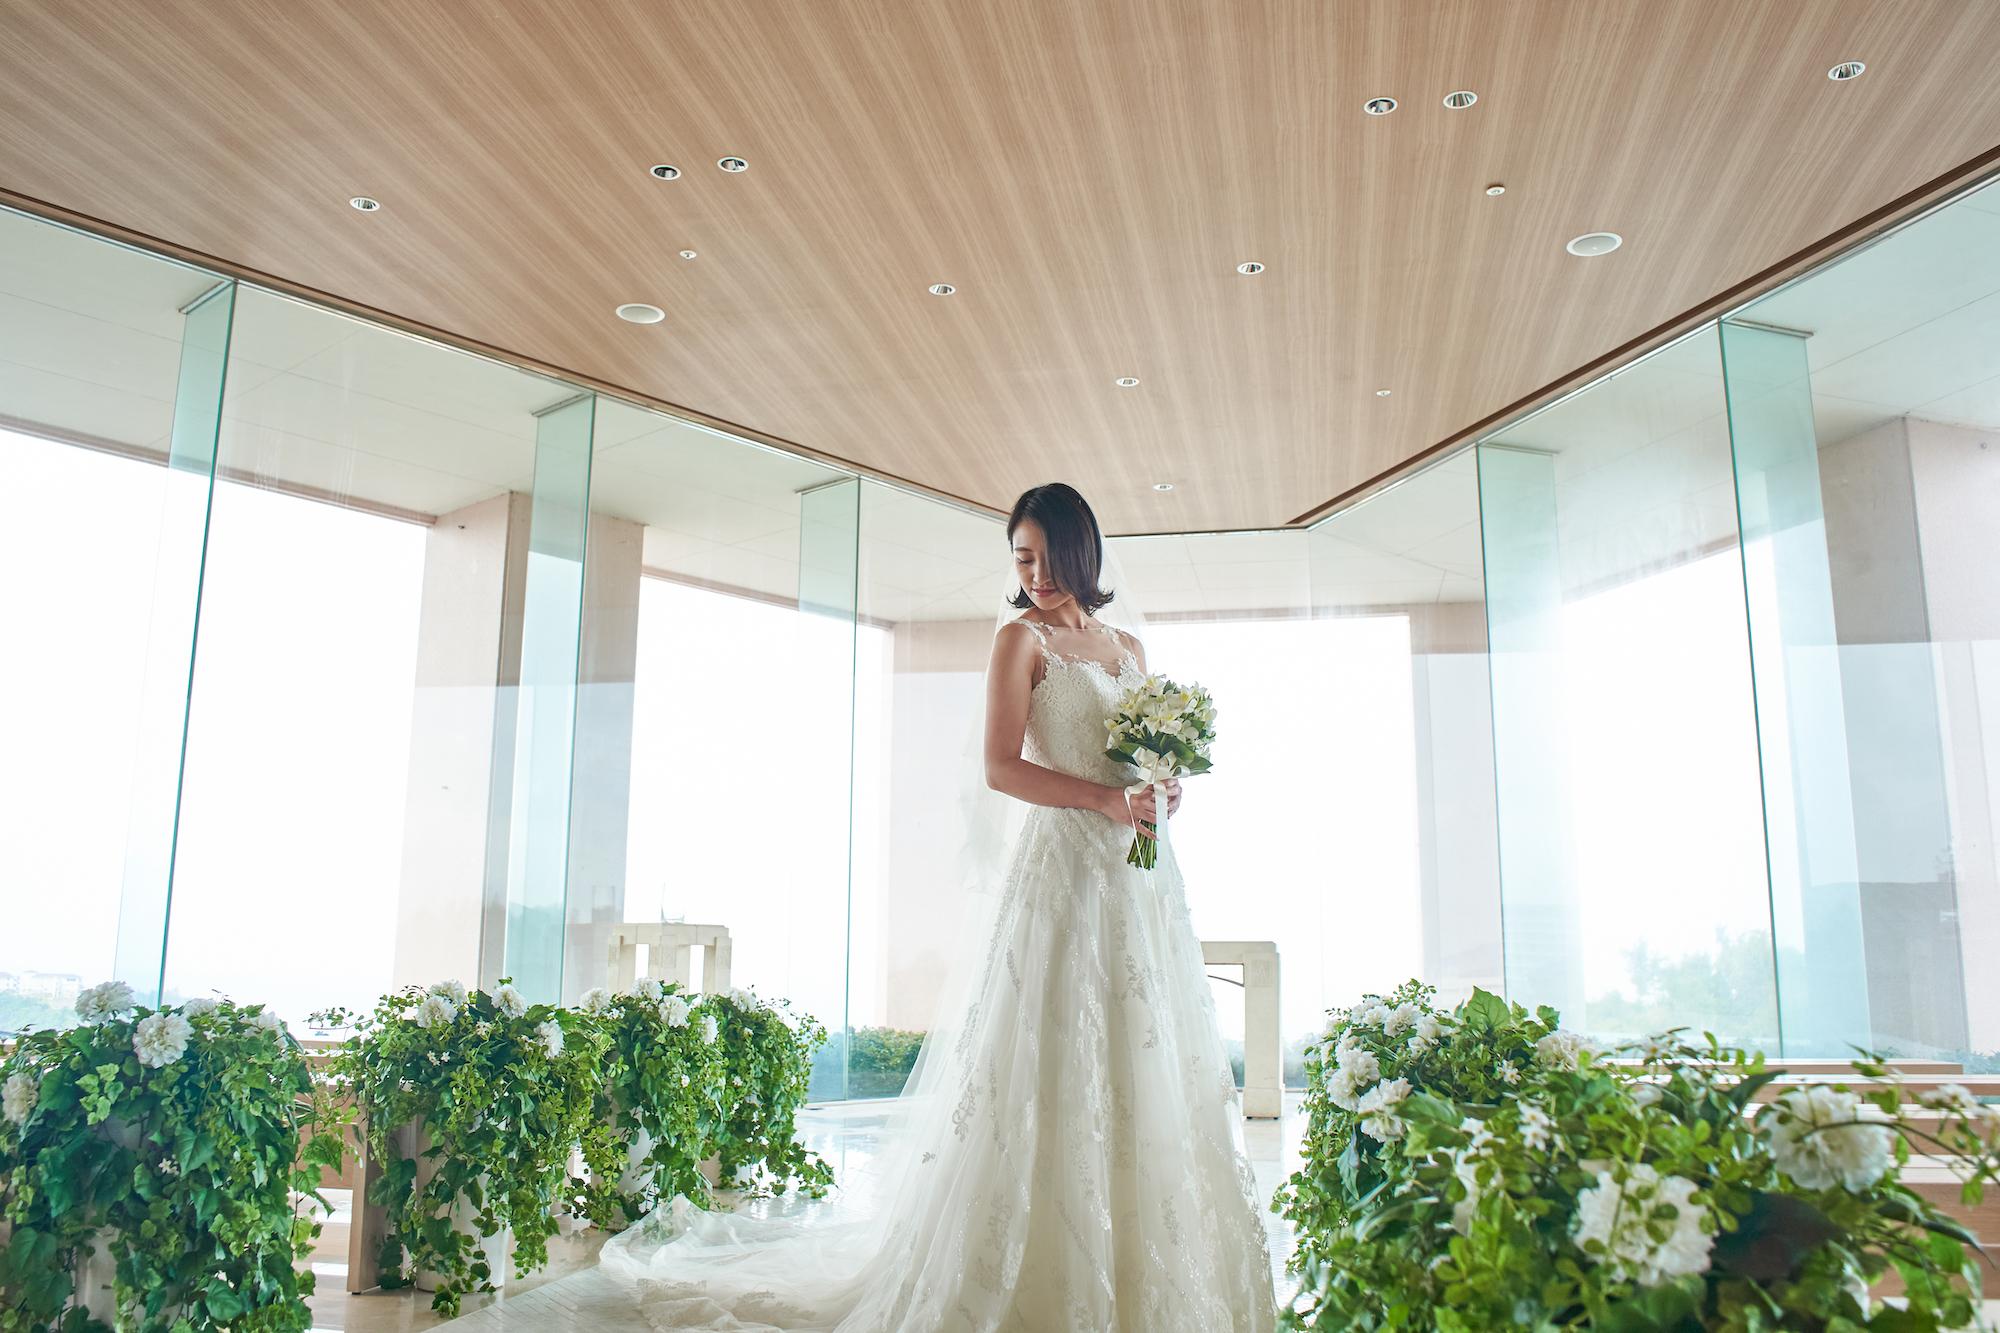 0125【平日限定】ドレス試着フェア♩ 沖縄で人気のウエディングドレス試着&挙式相談フェア